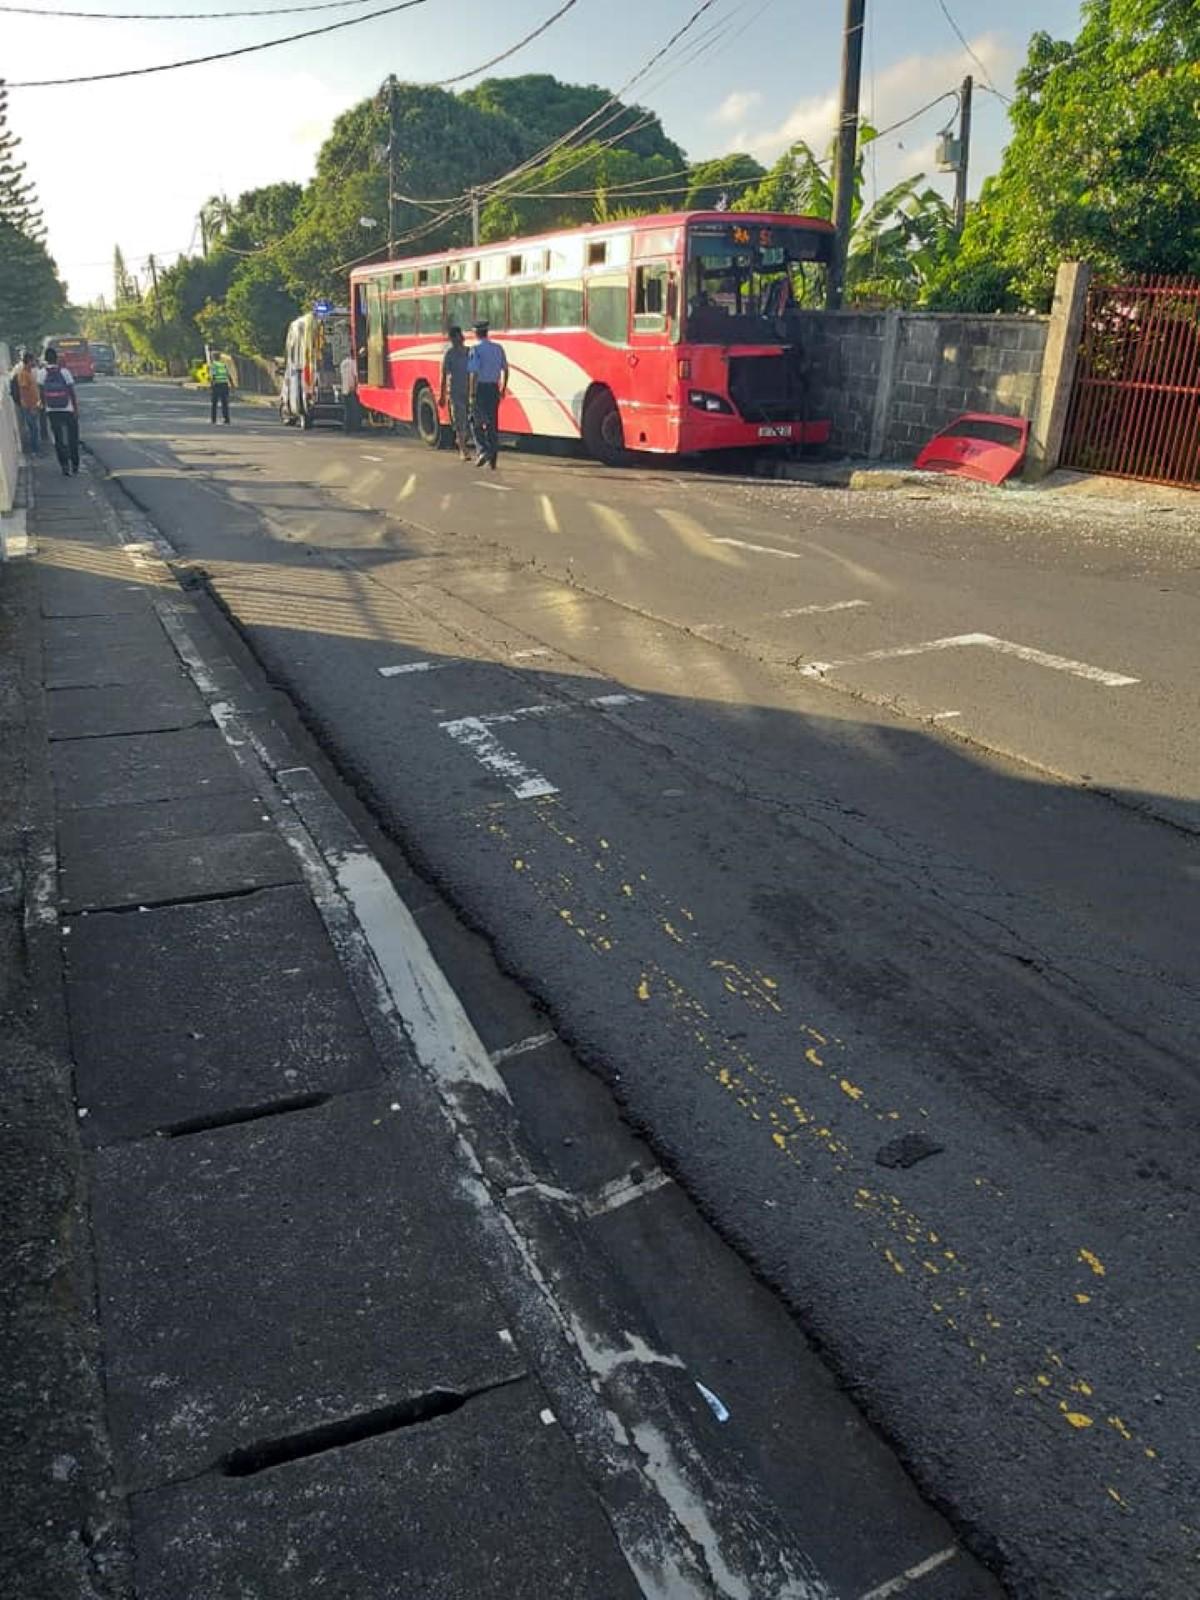 Accident à Rose-Belle : Un autobus de l'école QEC fait 4 blessés